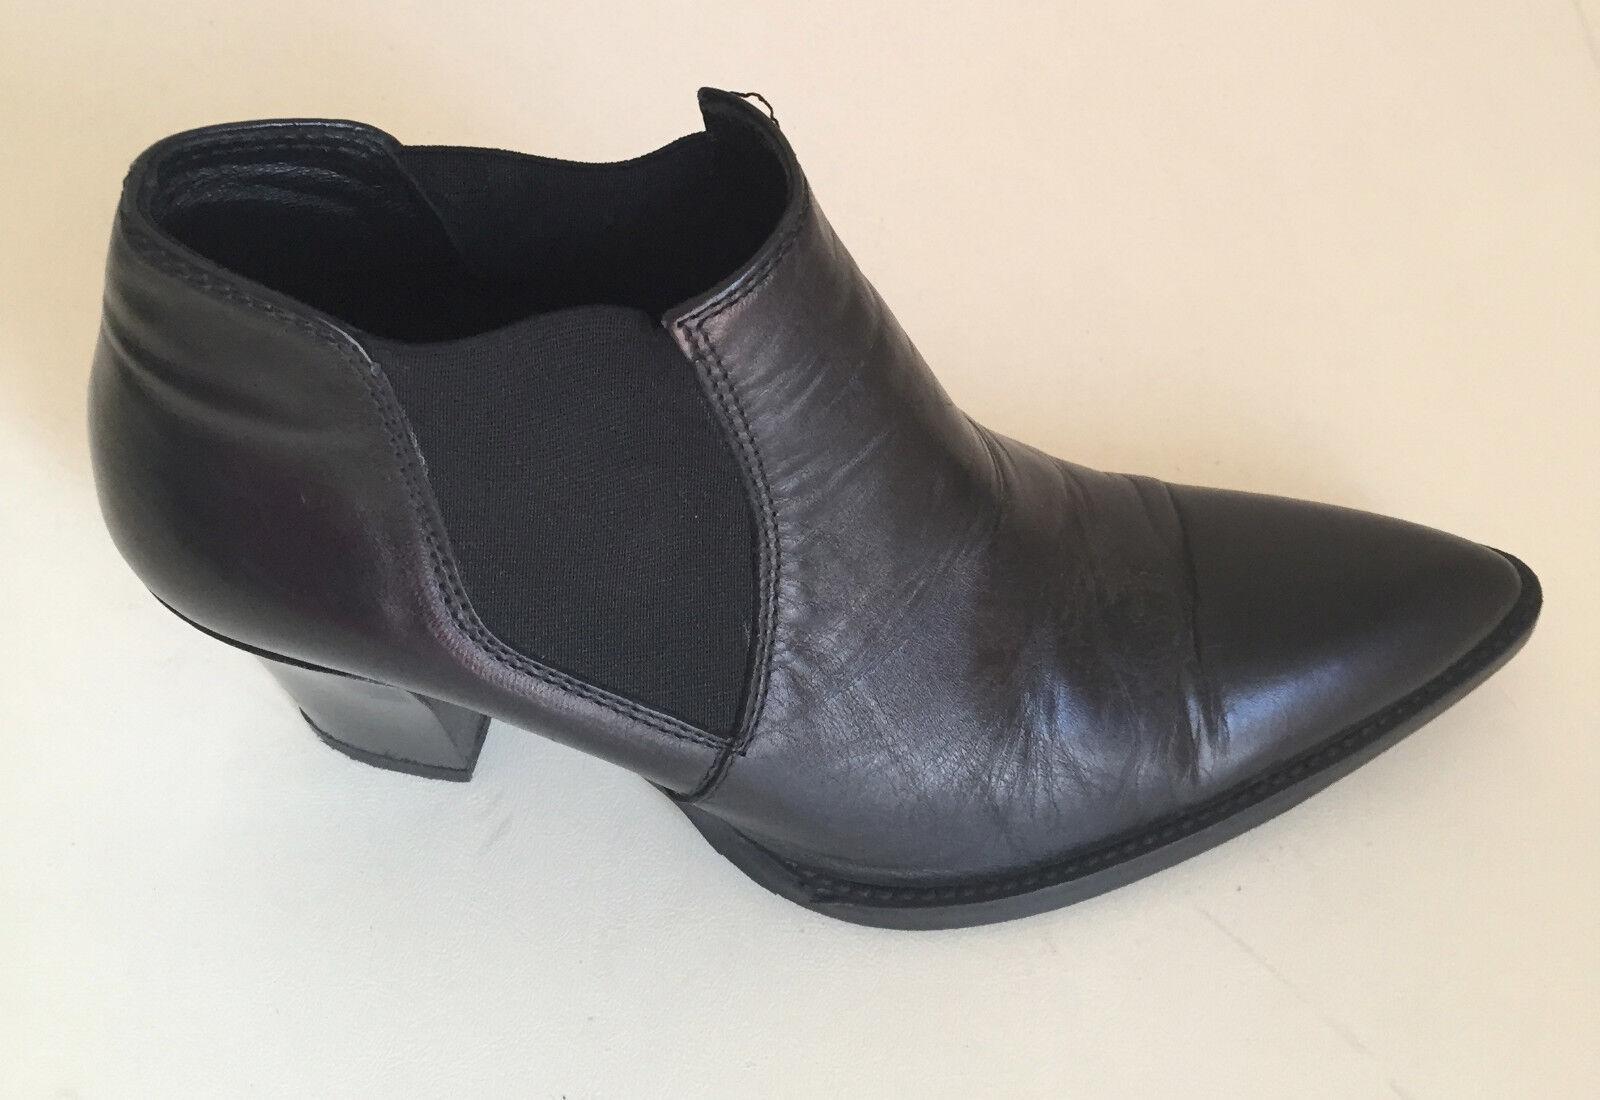 il più economico Le donne alla Caviglia in in in Pelle Nera DEIMILLE misura EU 36  sport dello shopping online